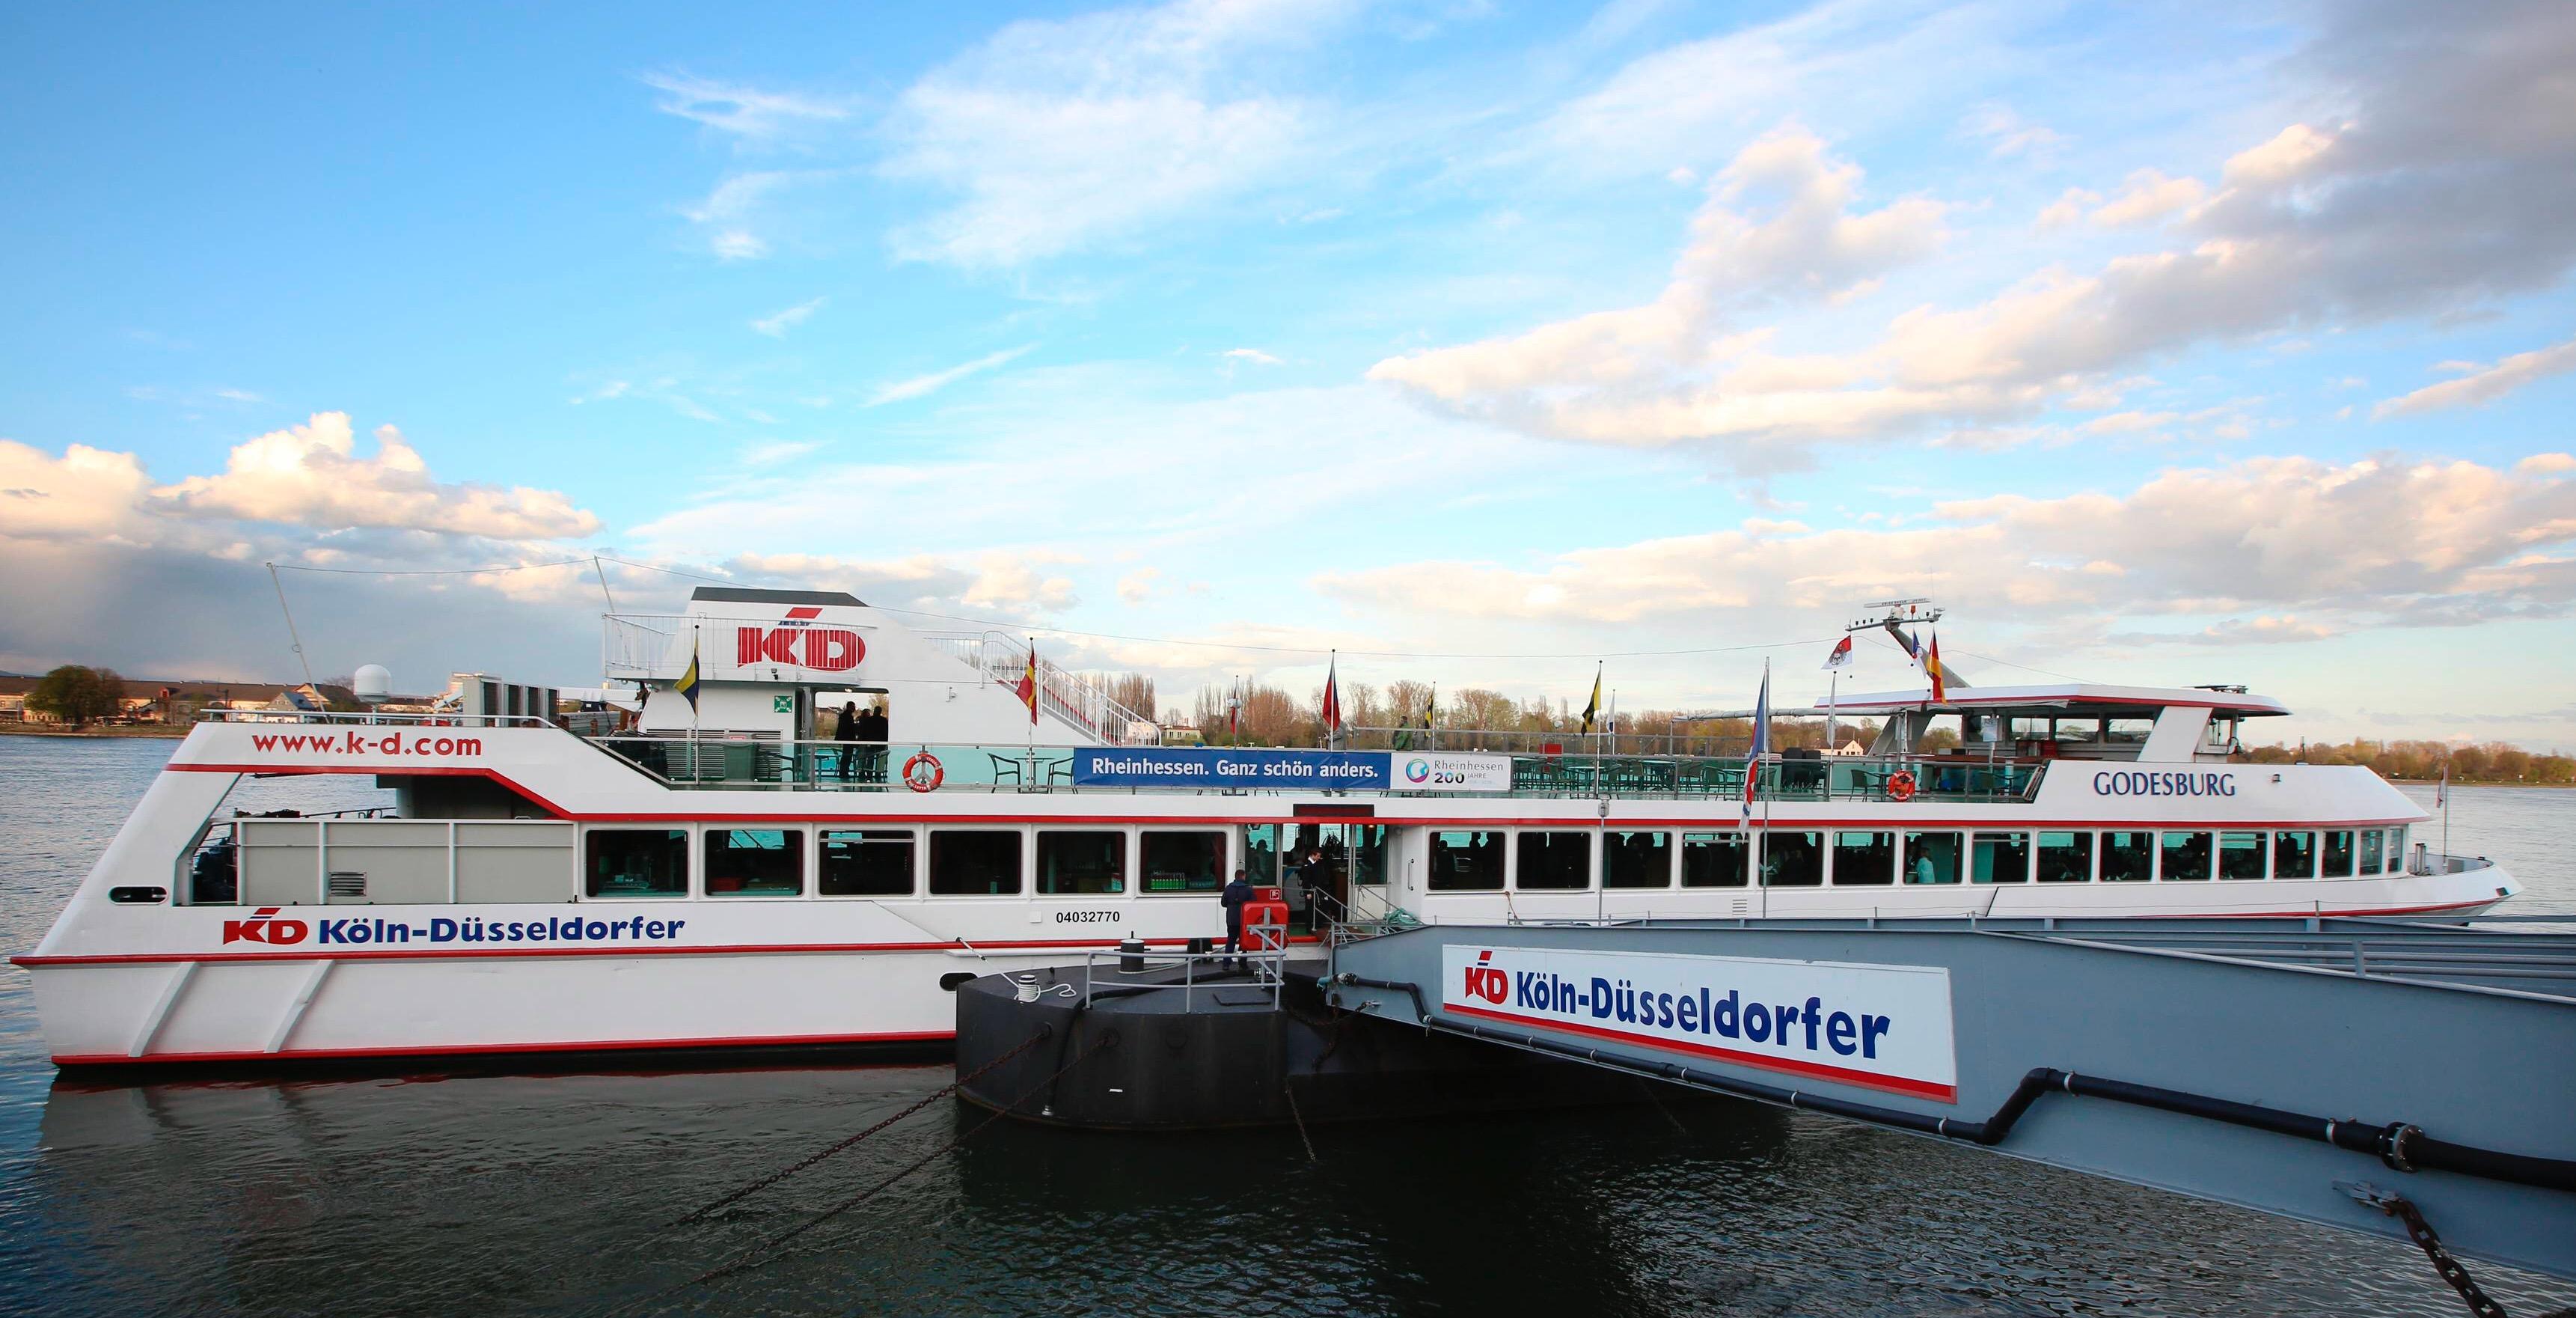 Rheinrundfahrt Düsseldorf